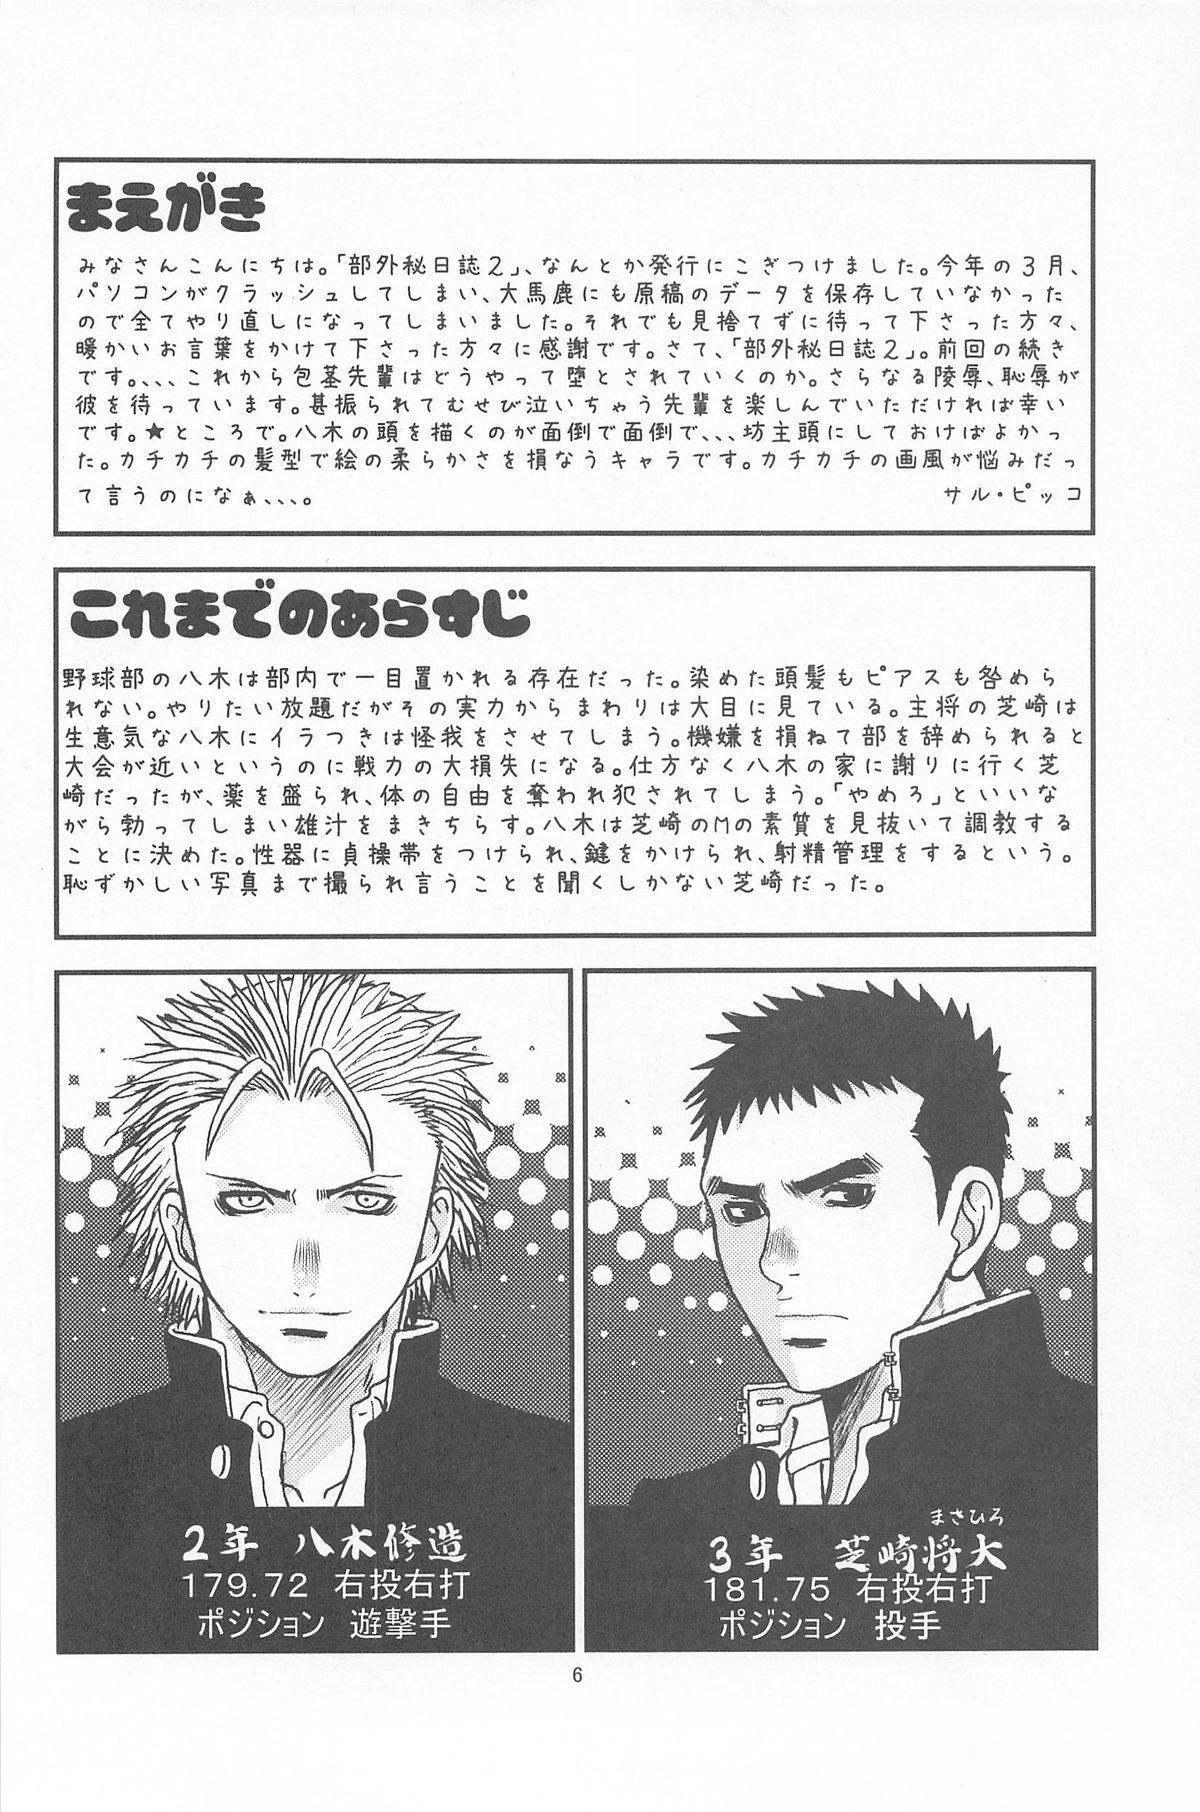 部外秘日誌2 3